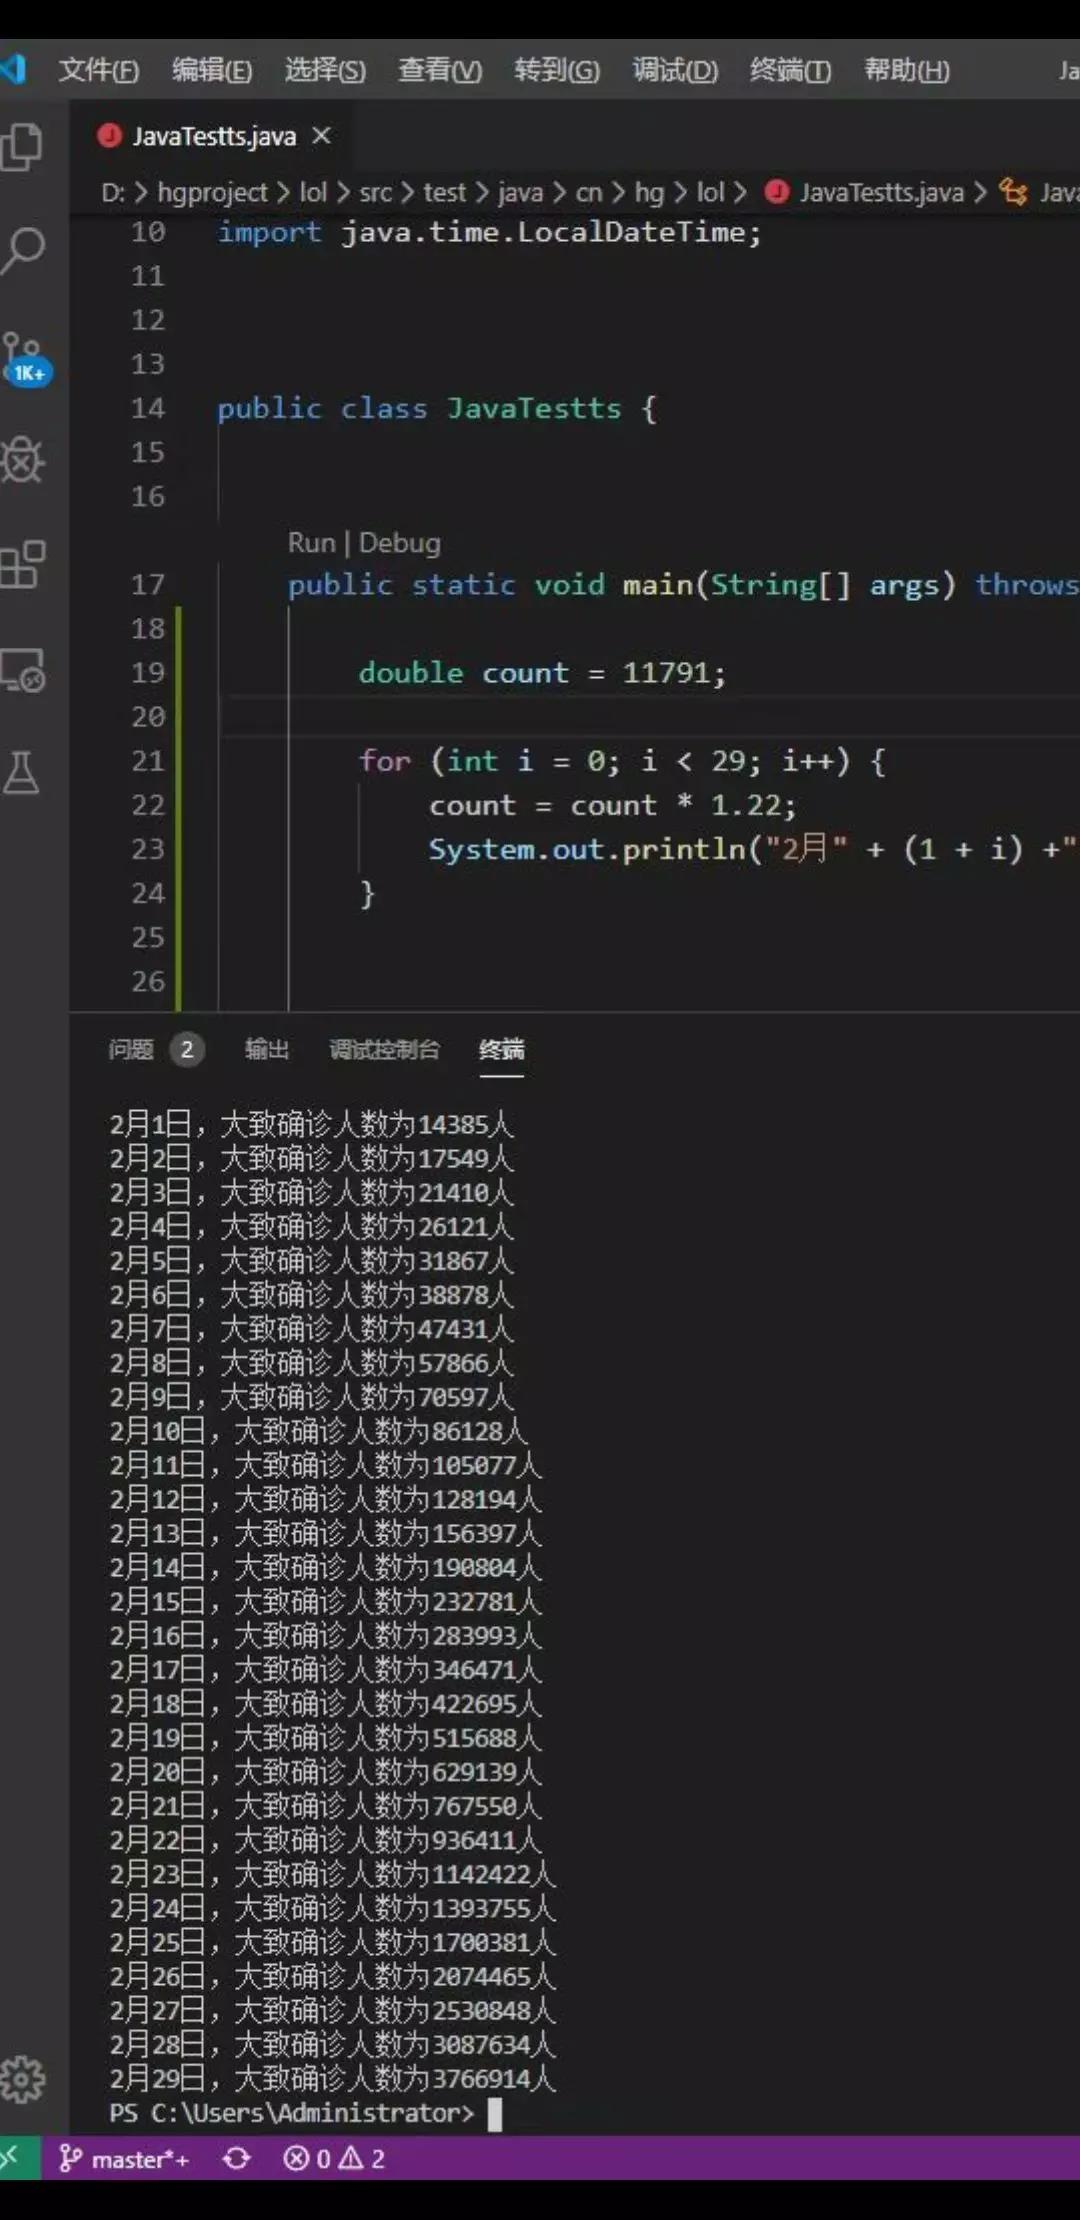 Java程序模拟疫情告诉你为什么现在不能出门,附源码